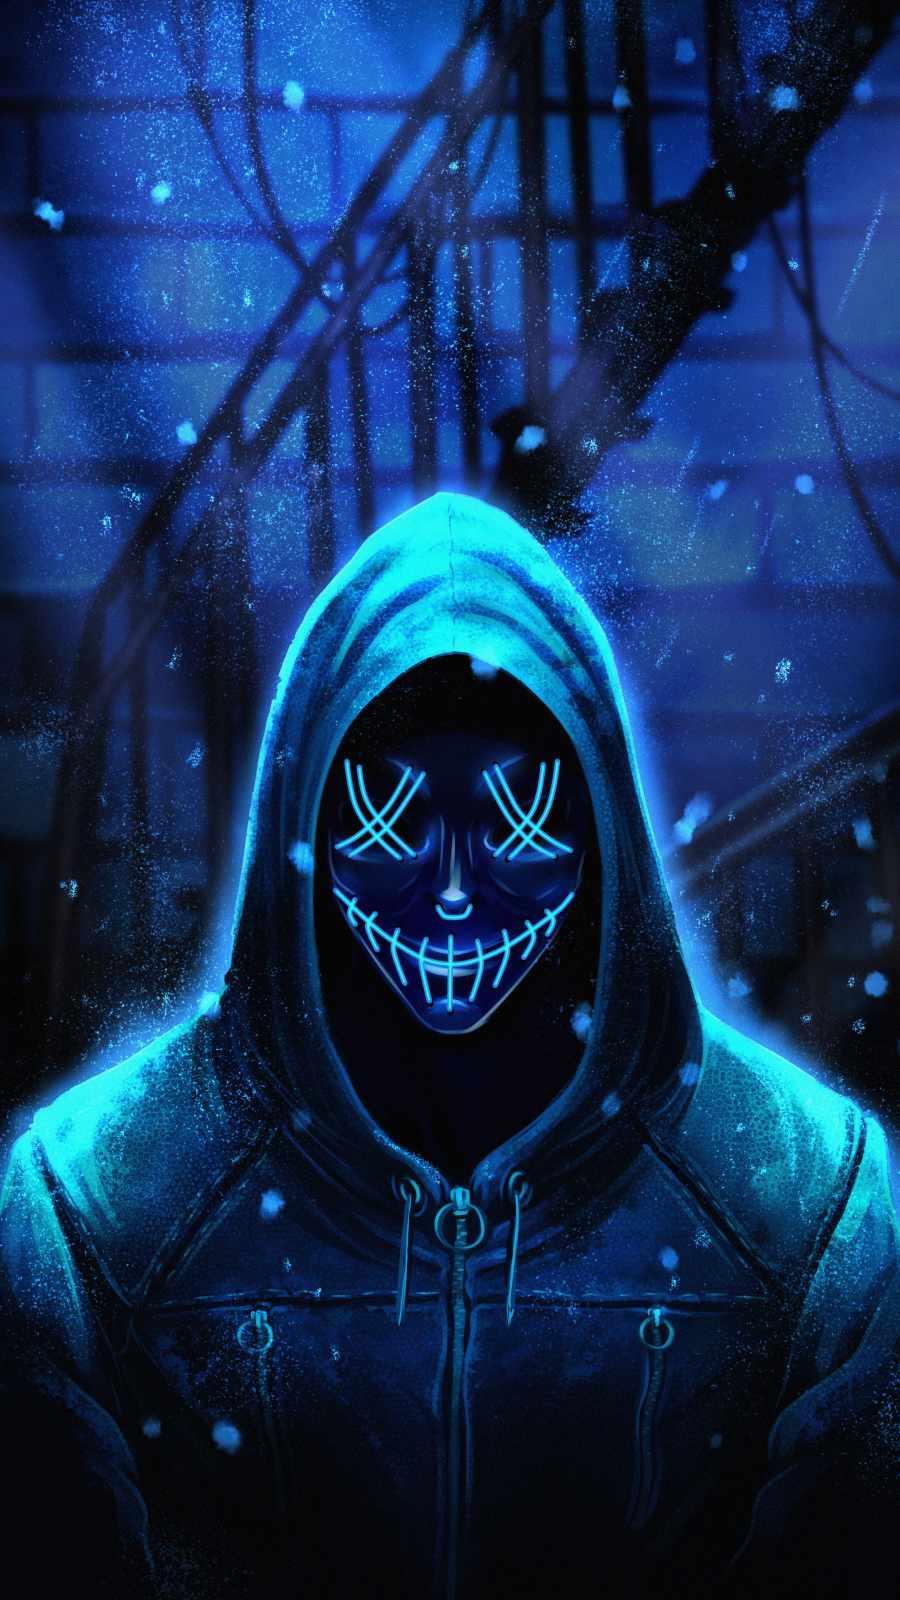 Hoodie Masked Guy